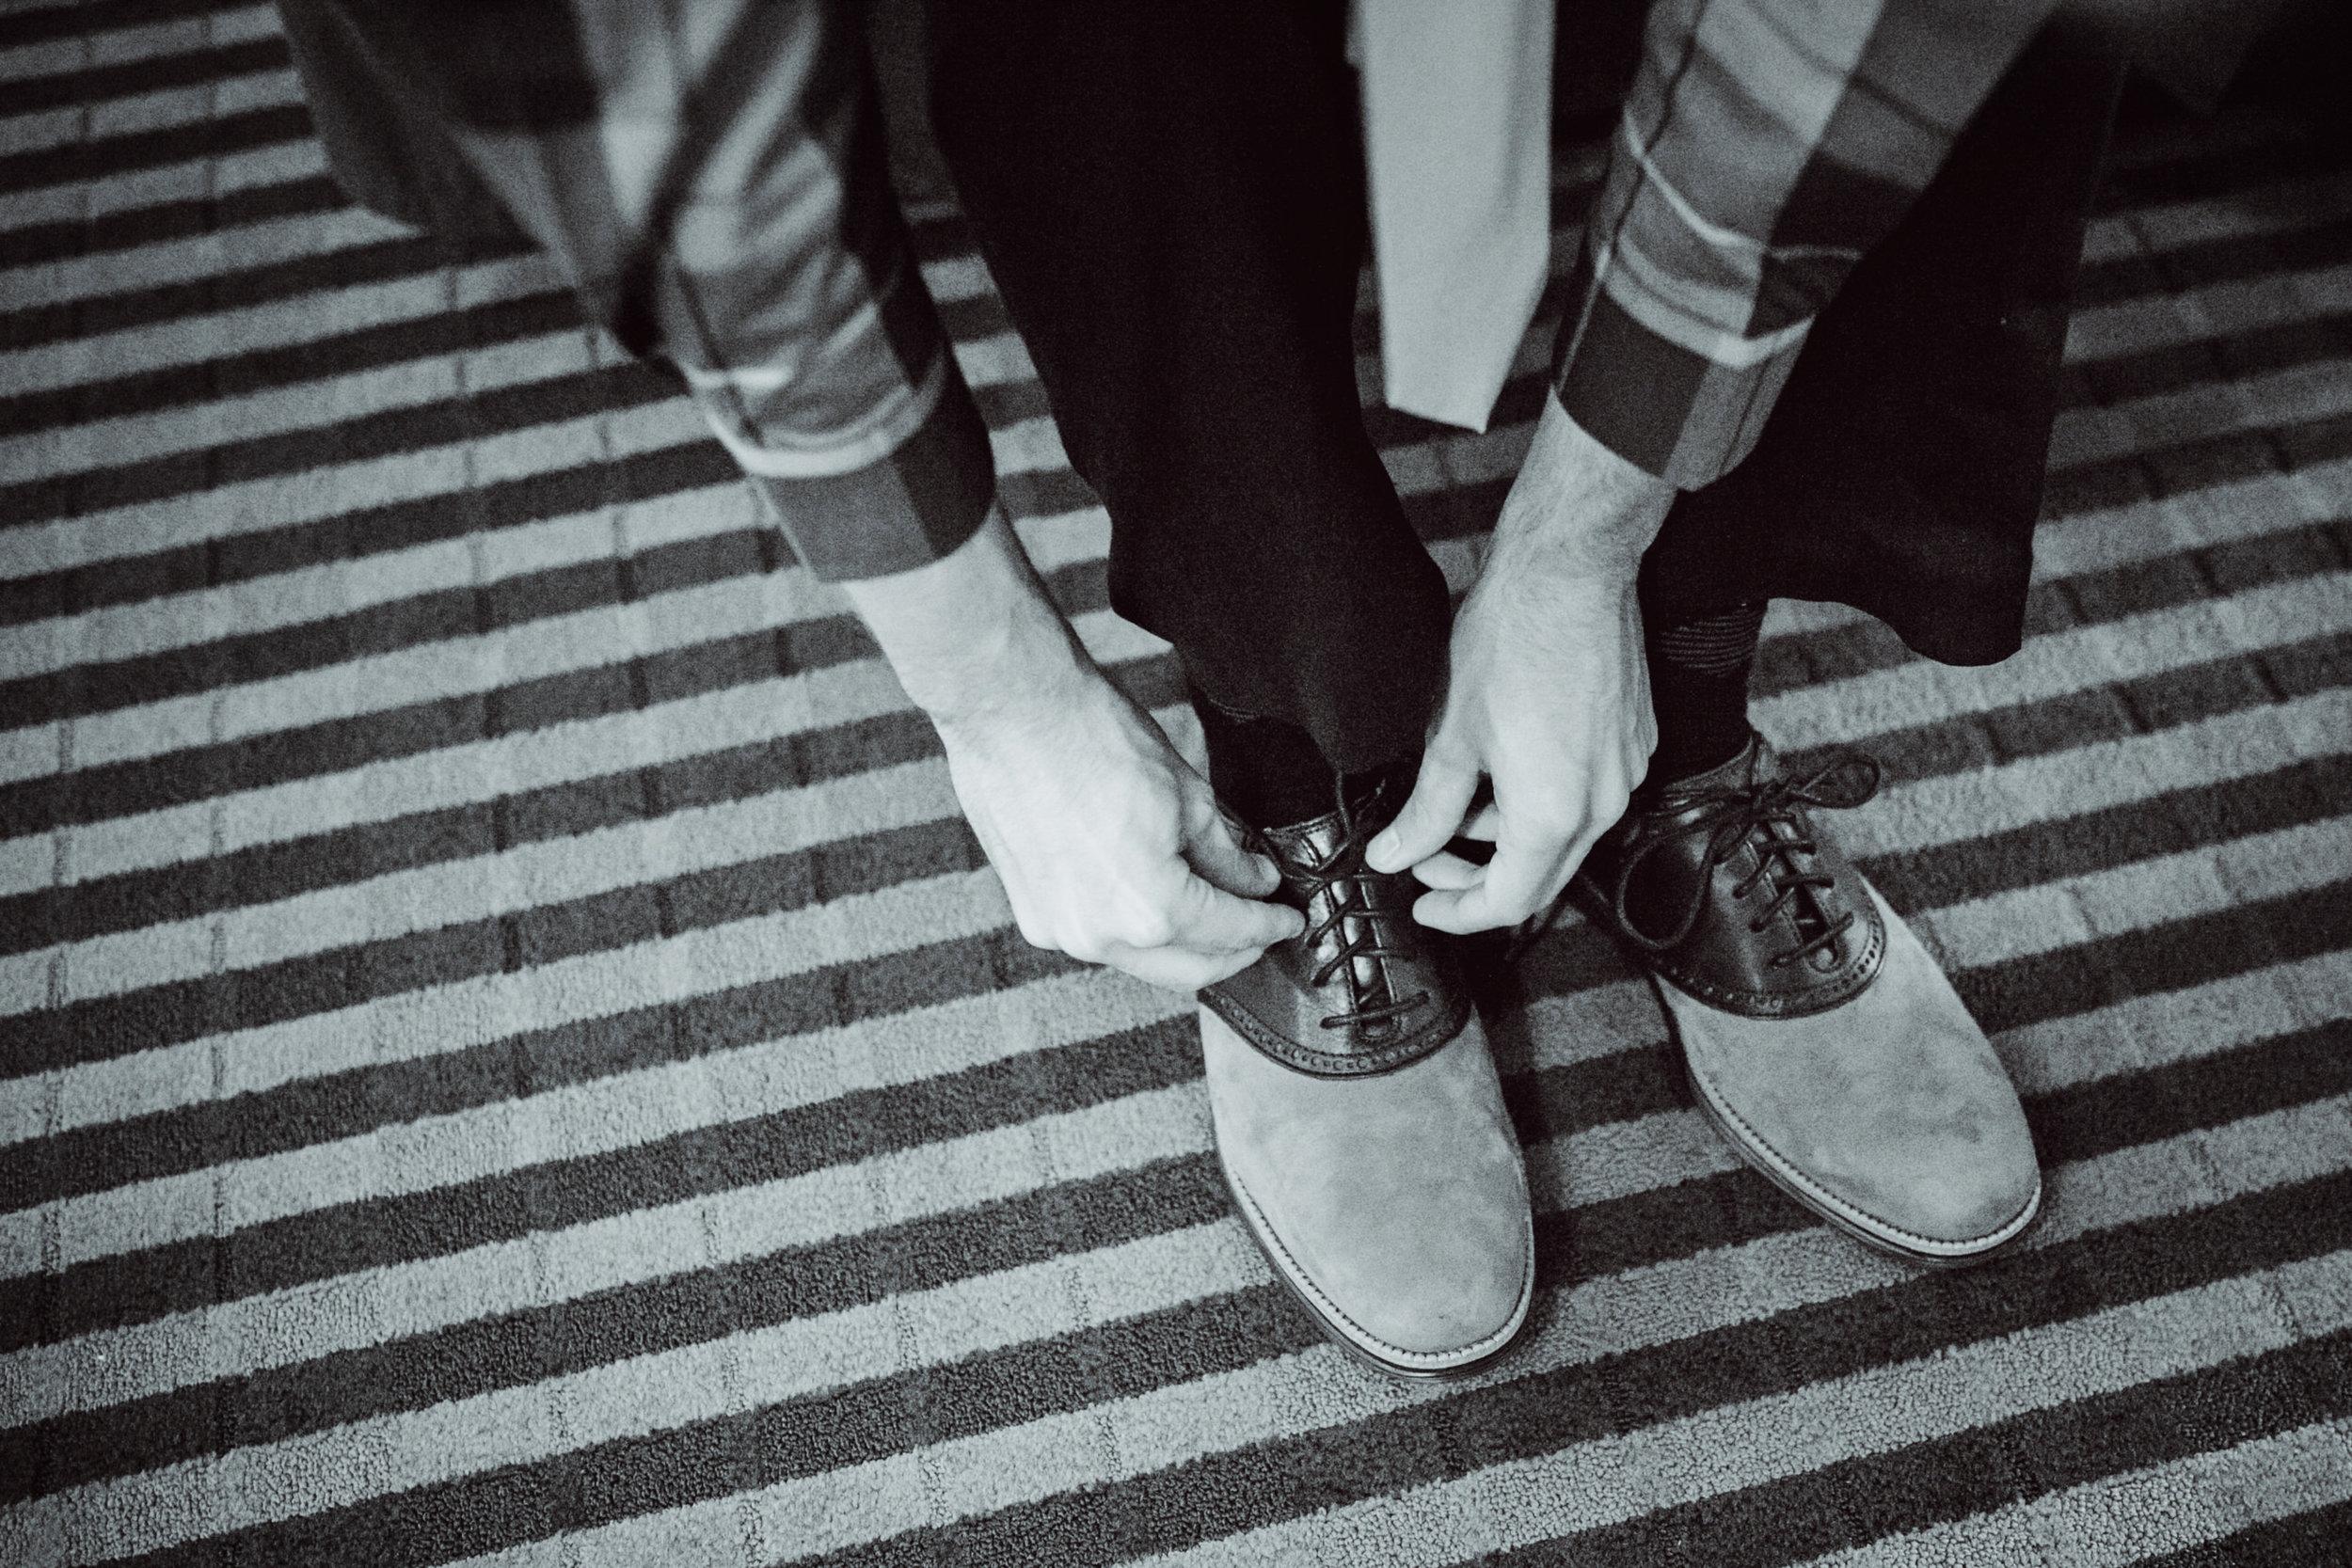 EastLynnFarmWedding-Steph&Aaron-GettingReady-15.jpg